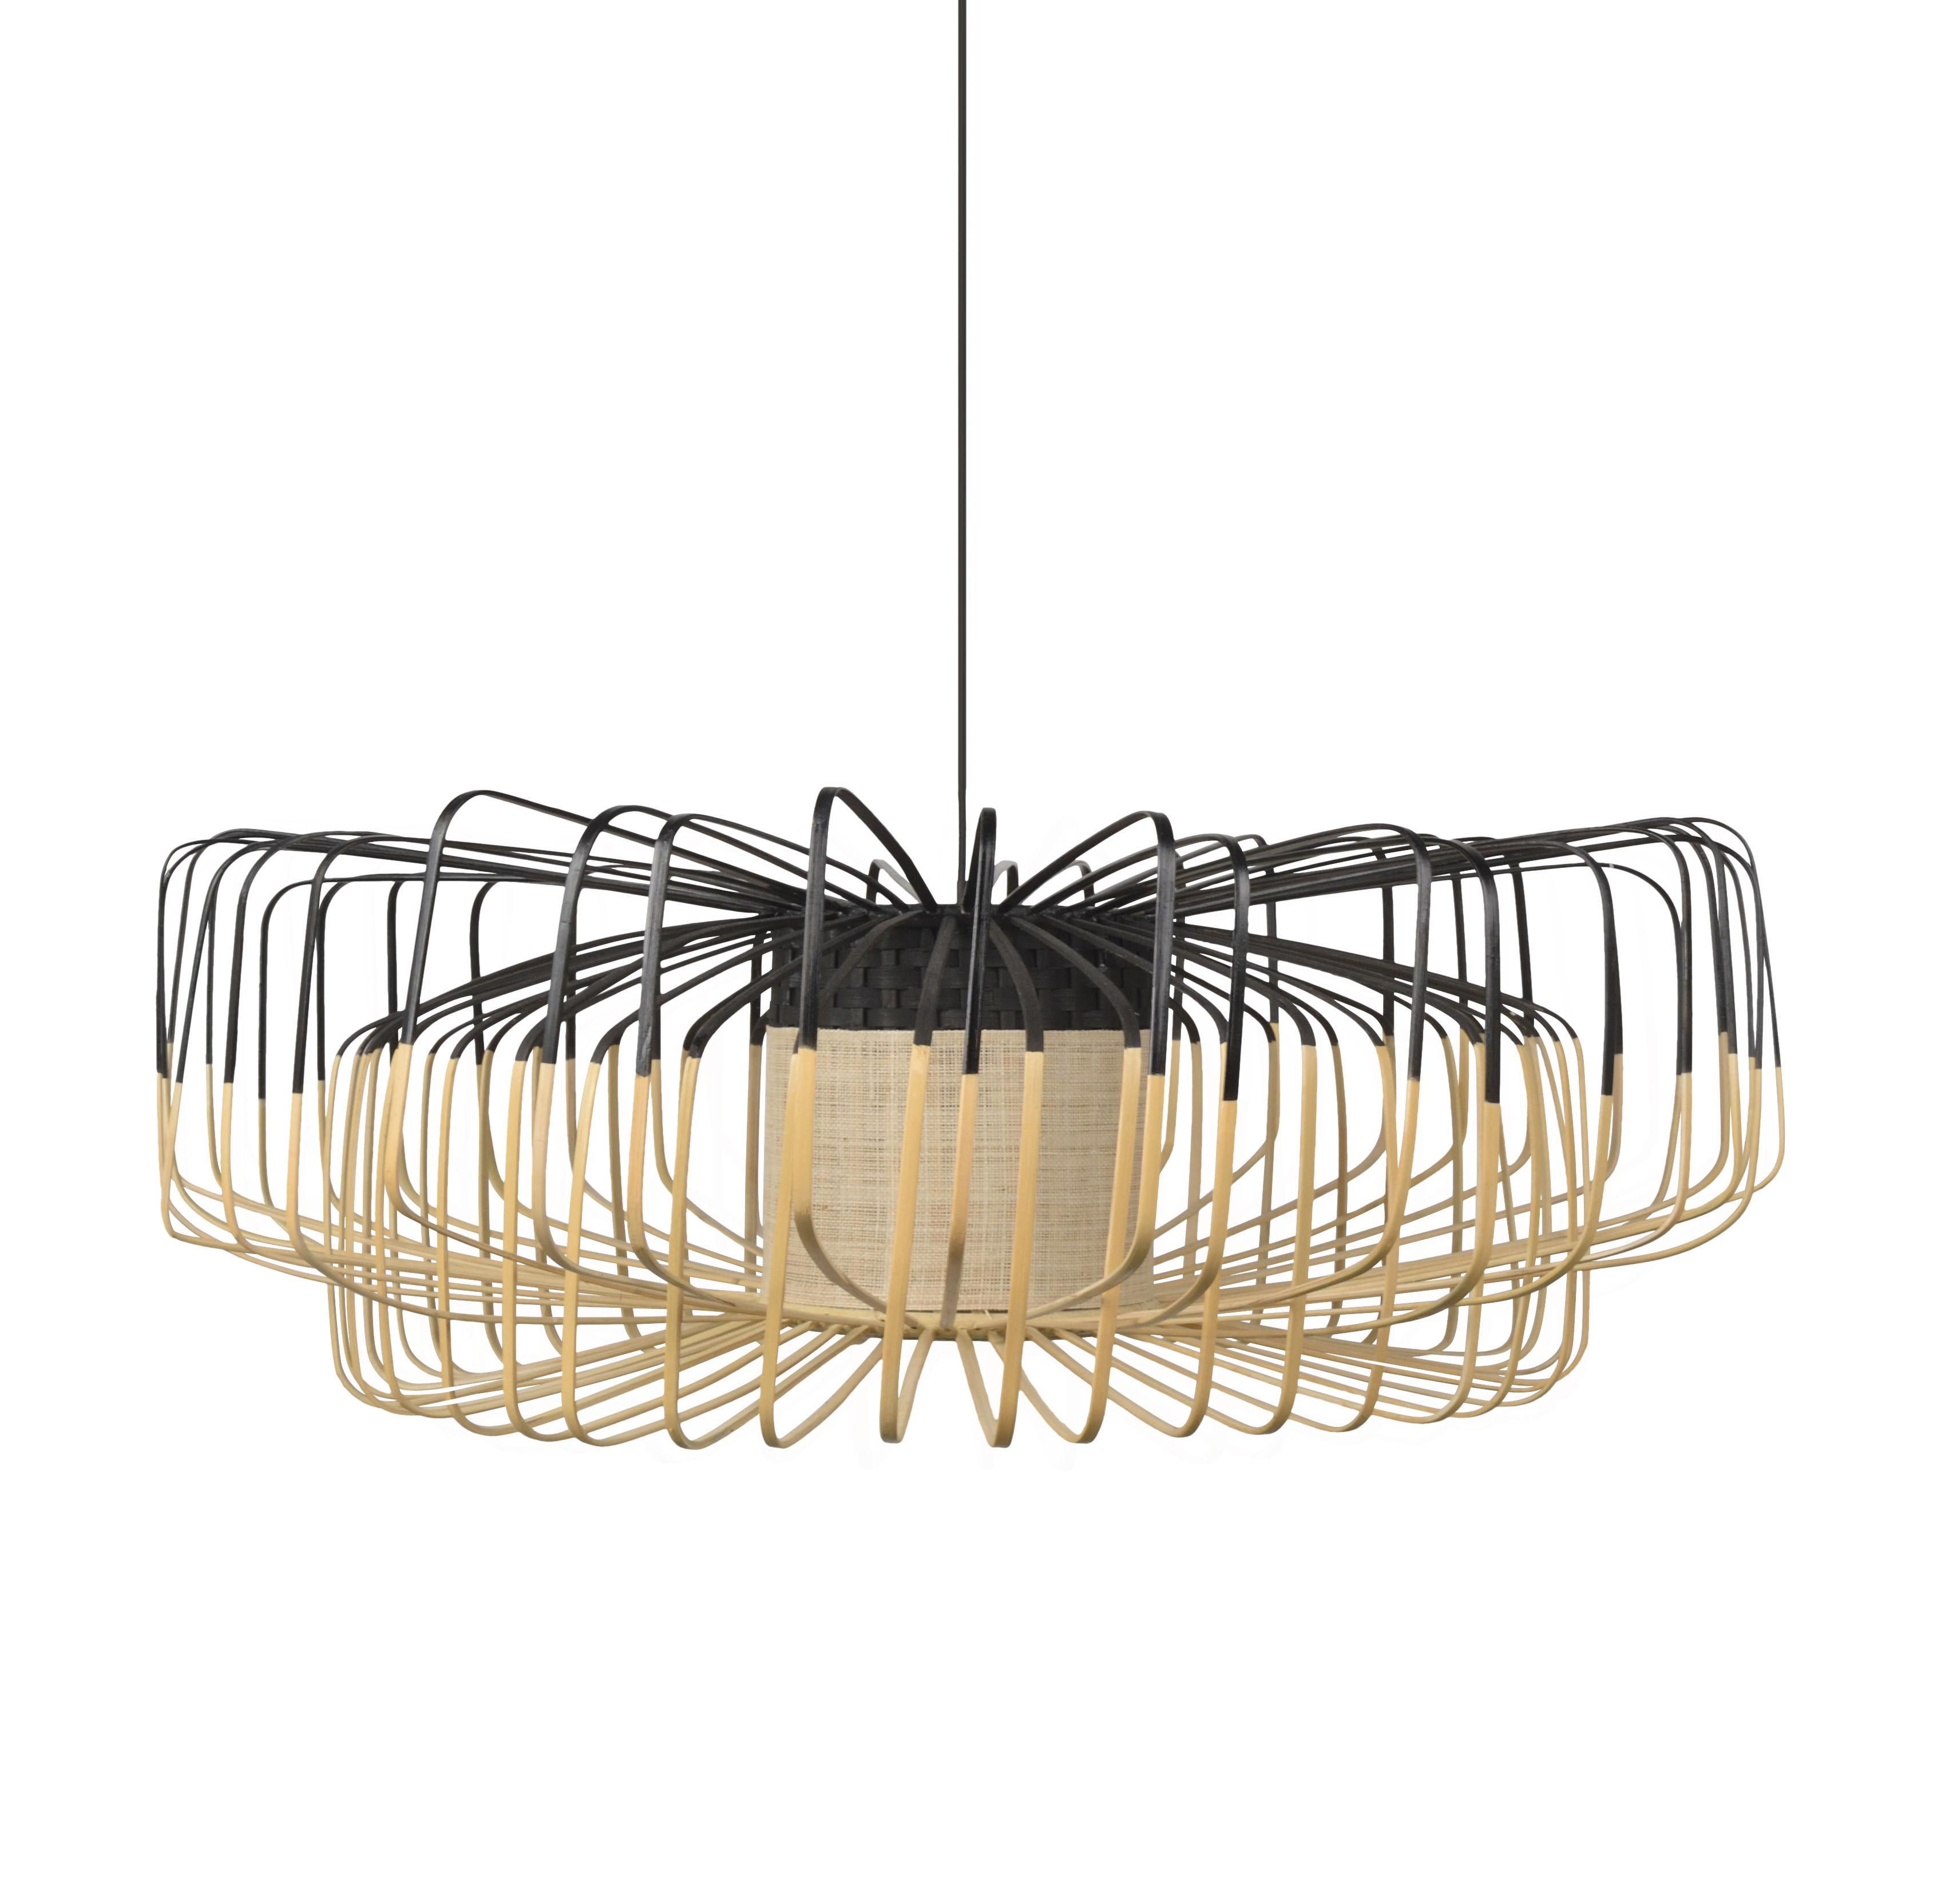 Illuminazione - Lampadari - Sospensione Bamboo Up-Down XXL - / Ø 80 cm di Forestier - Nero - Bambù